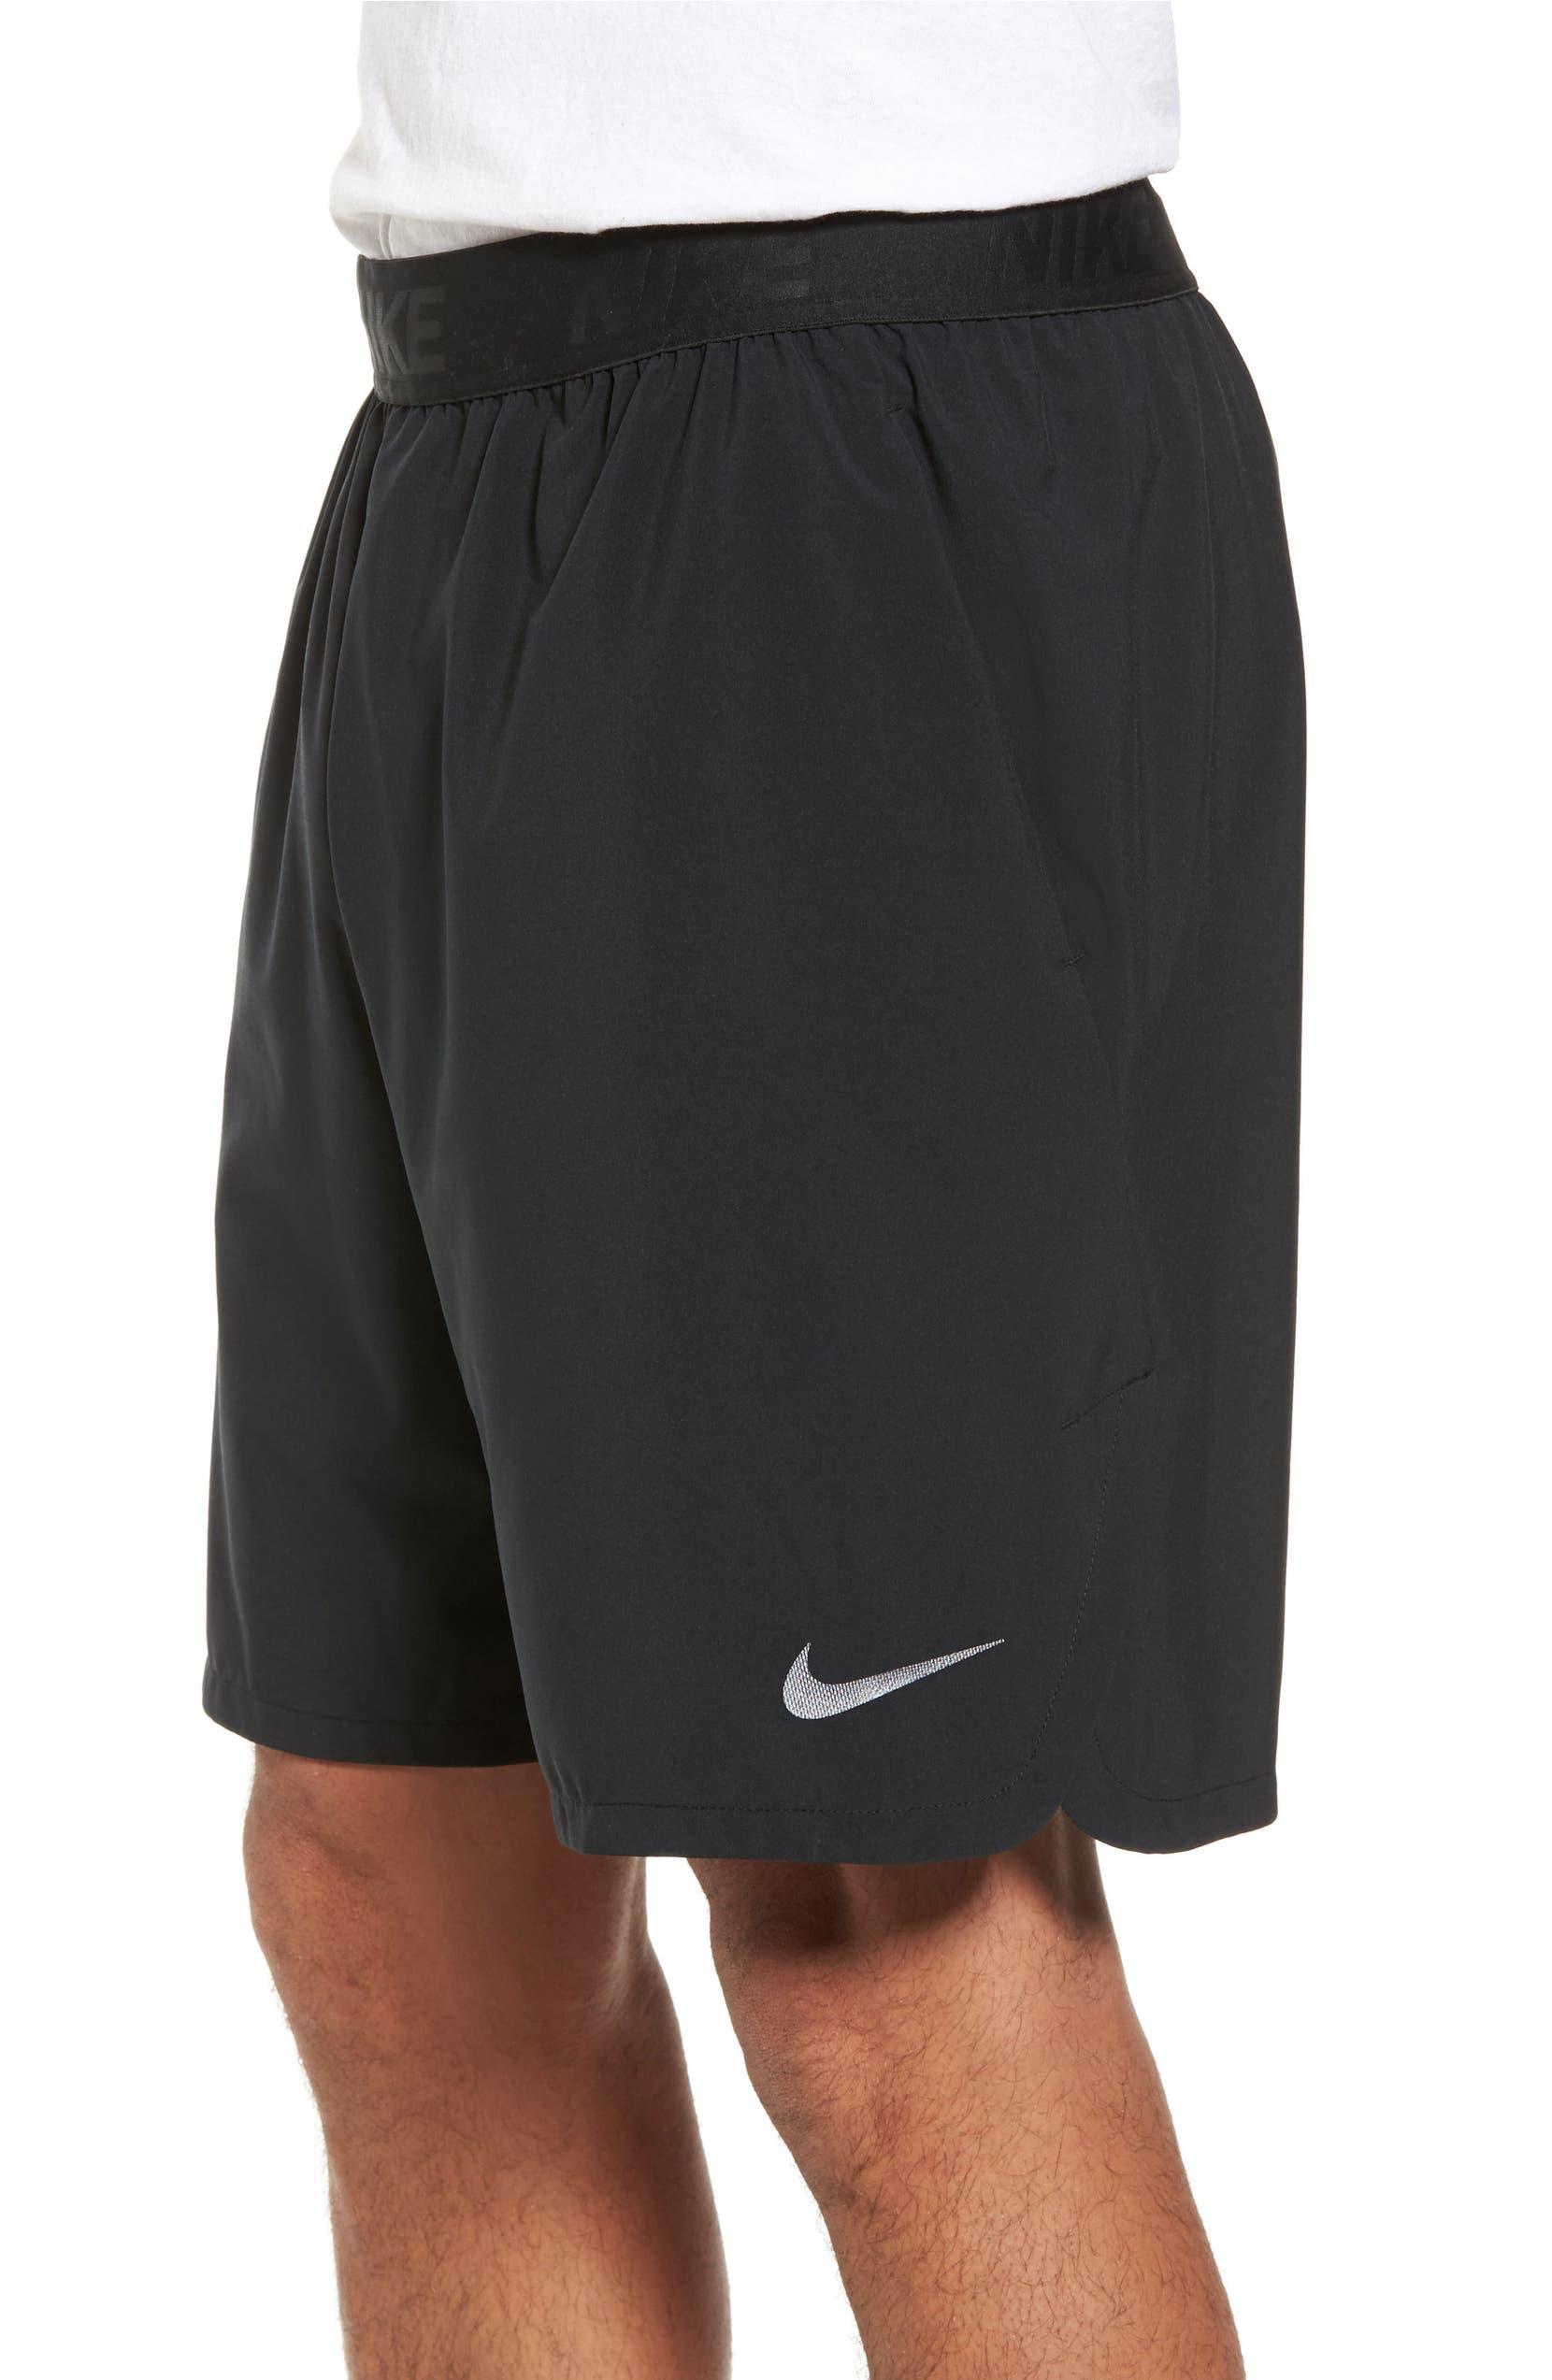 b46dab0e4feb9 Nike Flex Vent Max Shorts | Nordstrom